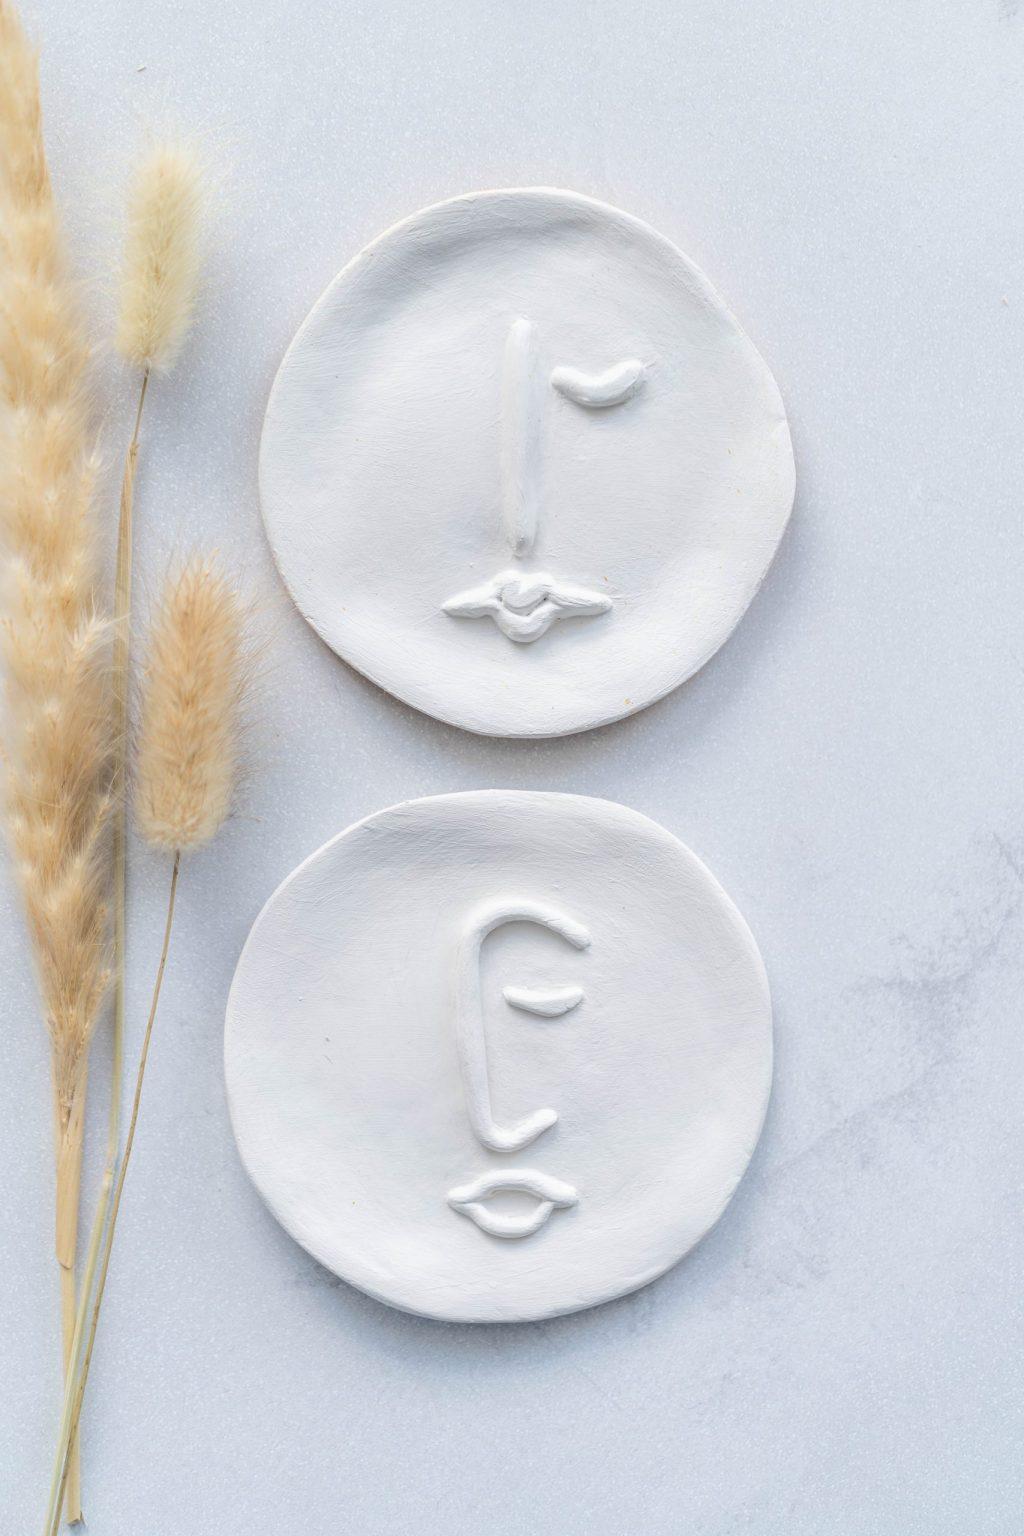 Minimalistische schaaltjes met abstract gezichtje (line-art)